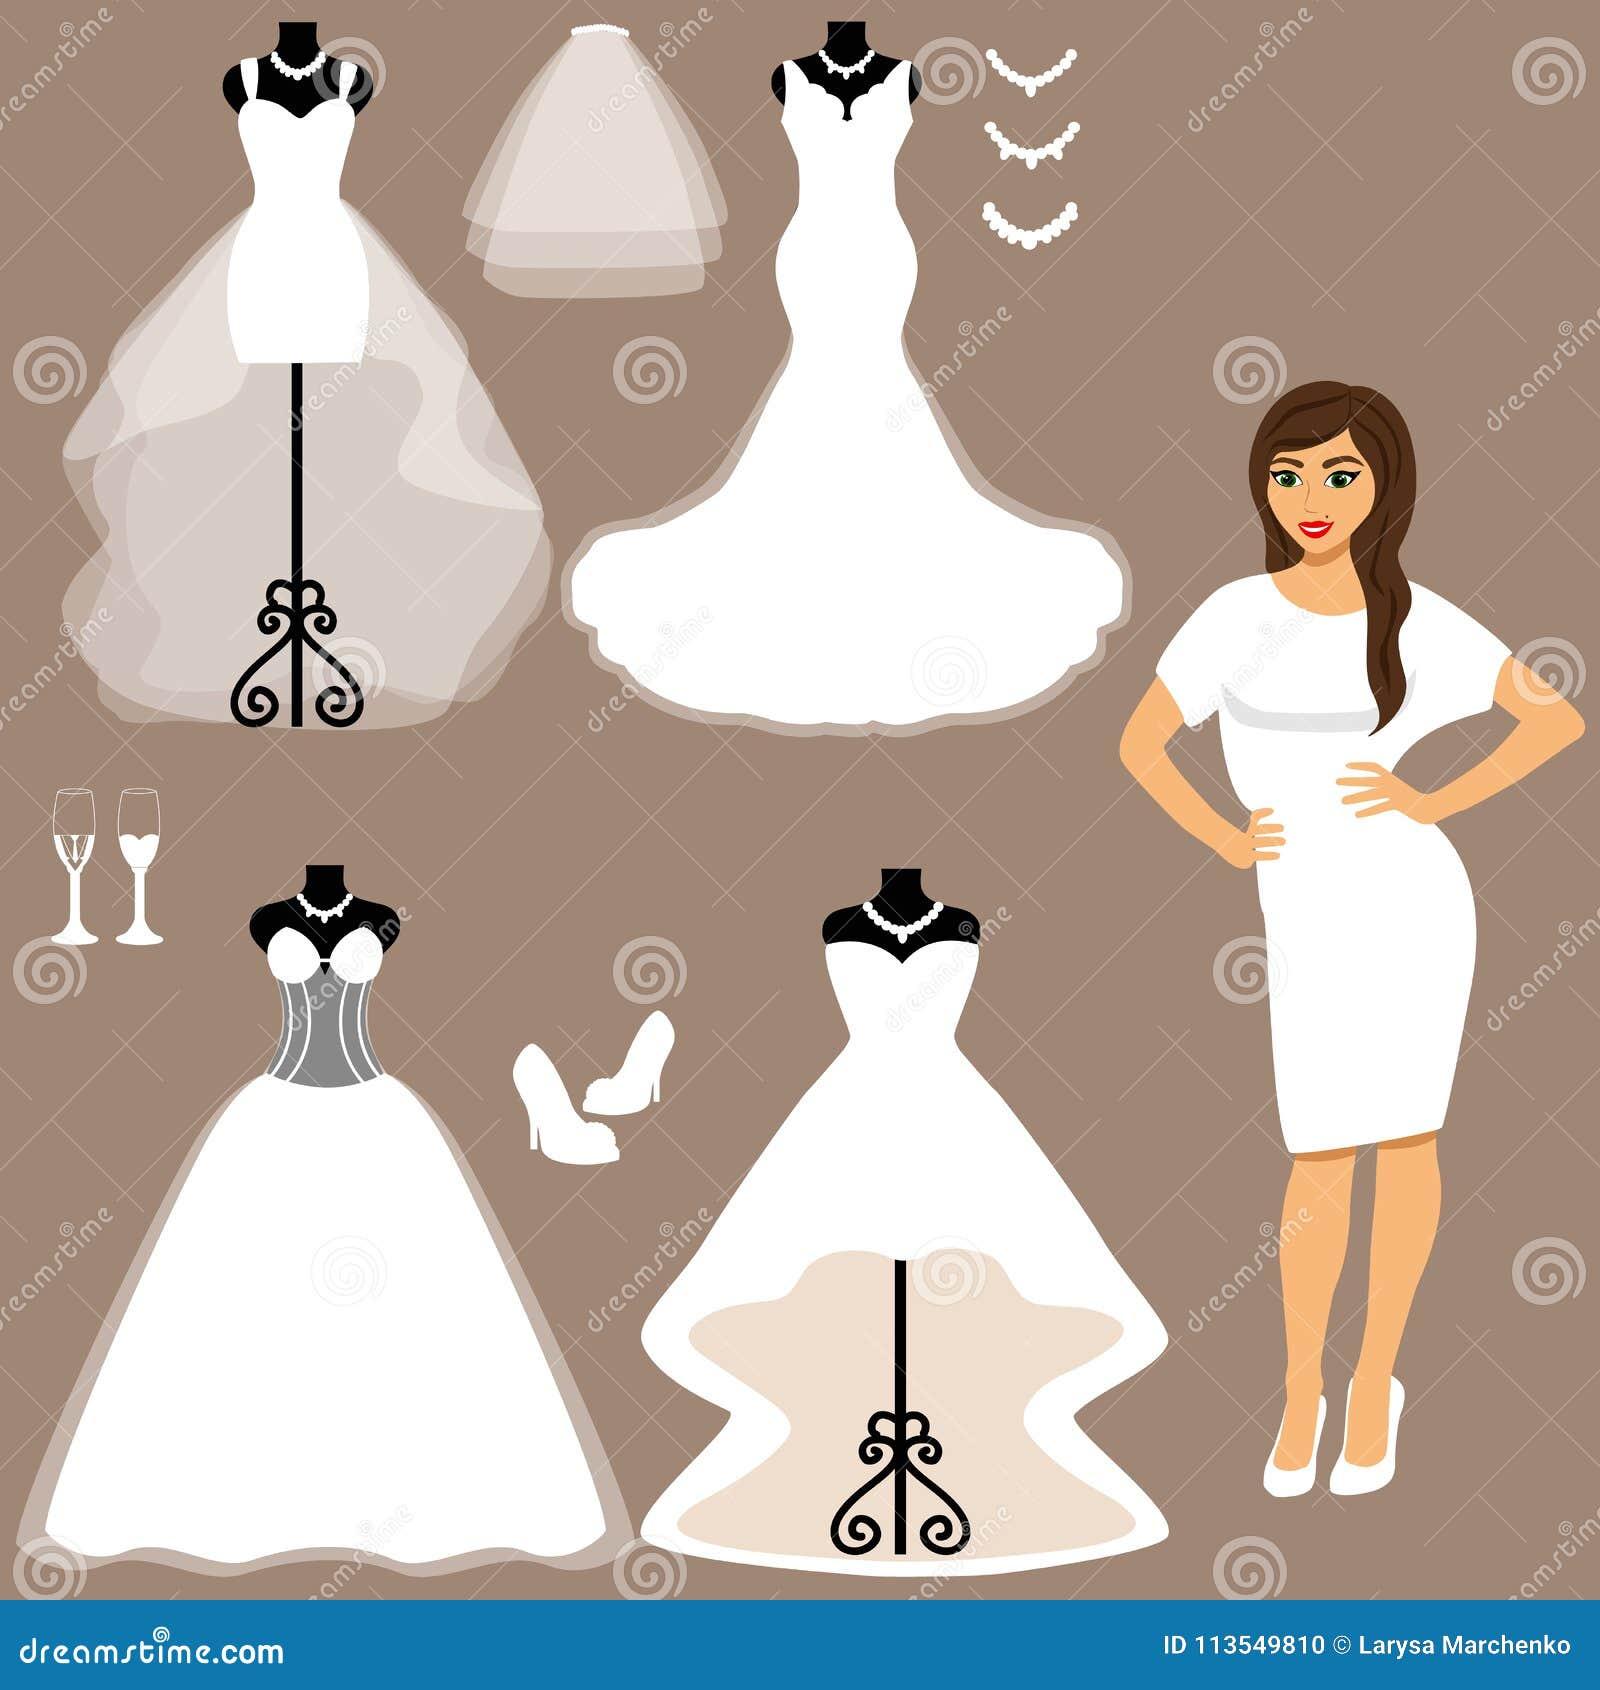 6a90917f9 Un Sistema De Vestidos De Boda La Opción Ilustración del Vector ...